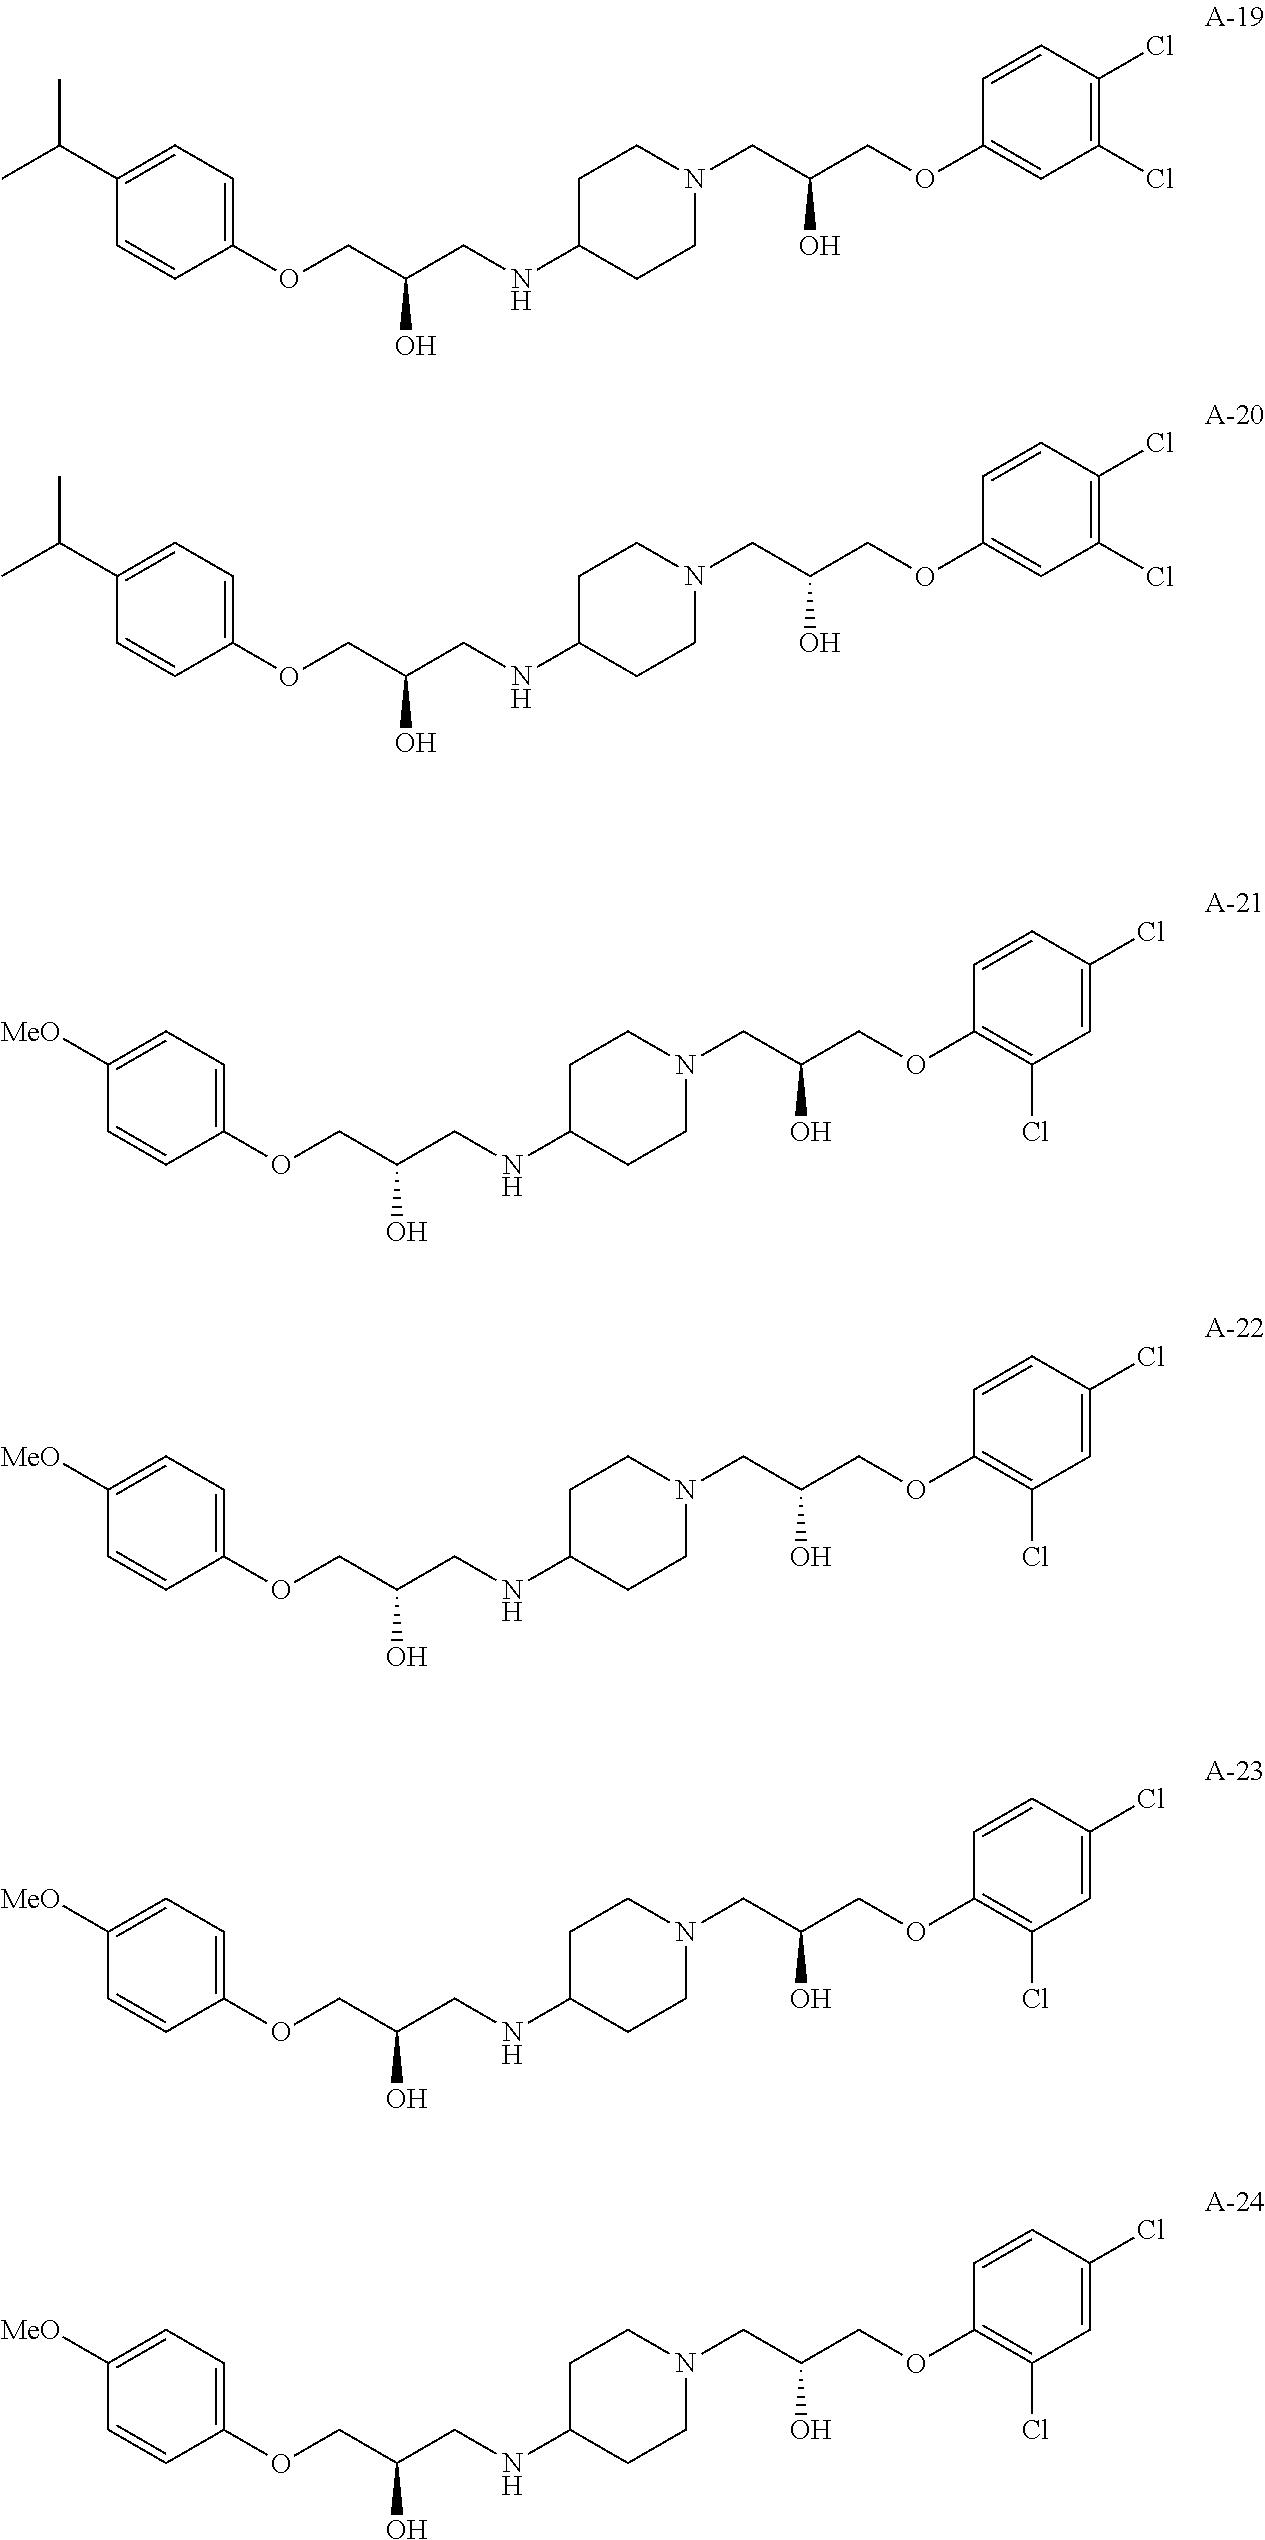 Figure US20190100493A1-20190404-C00008